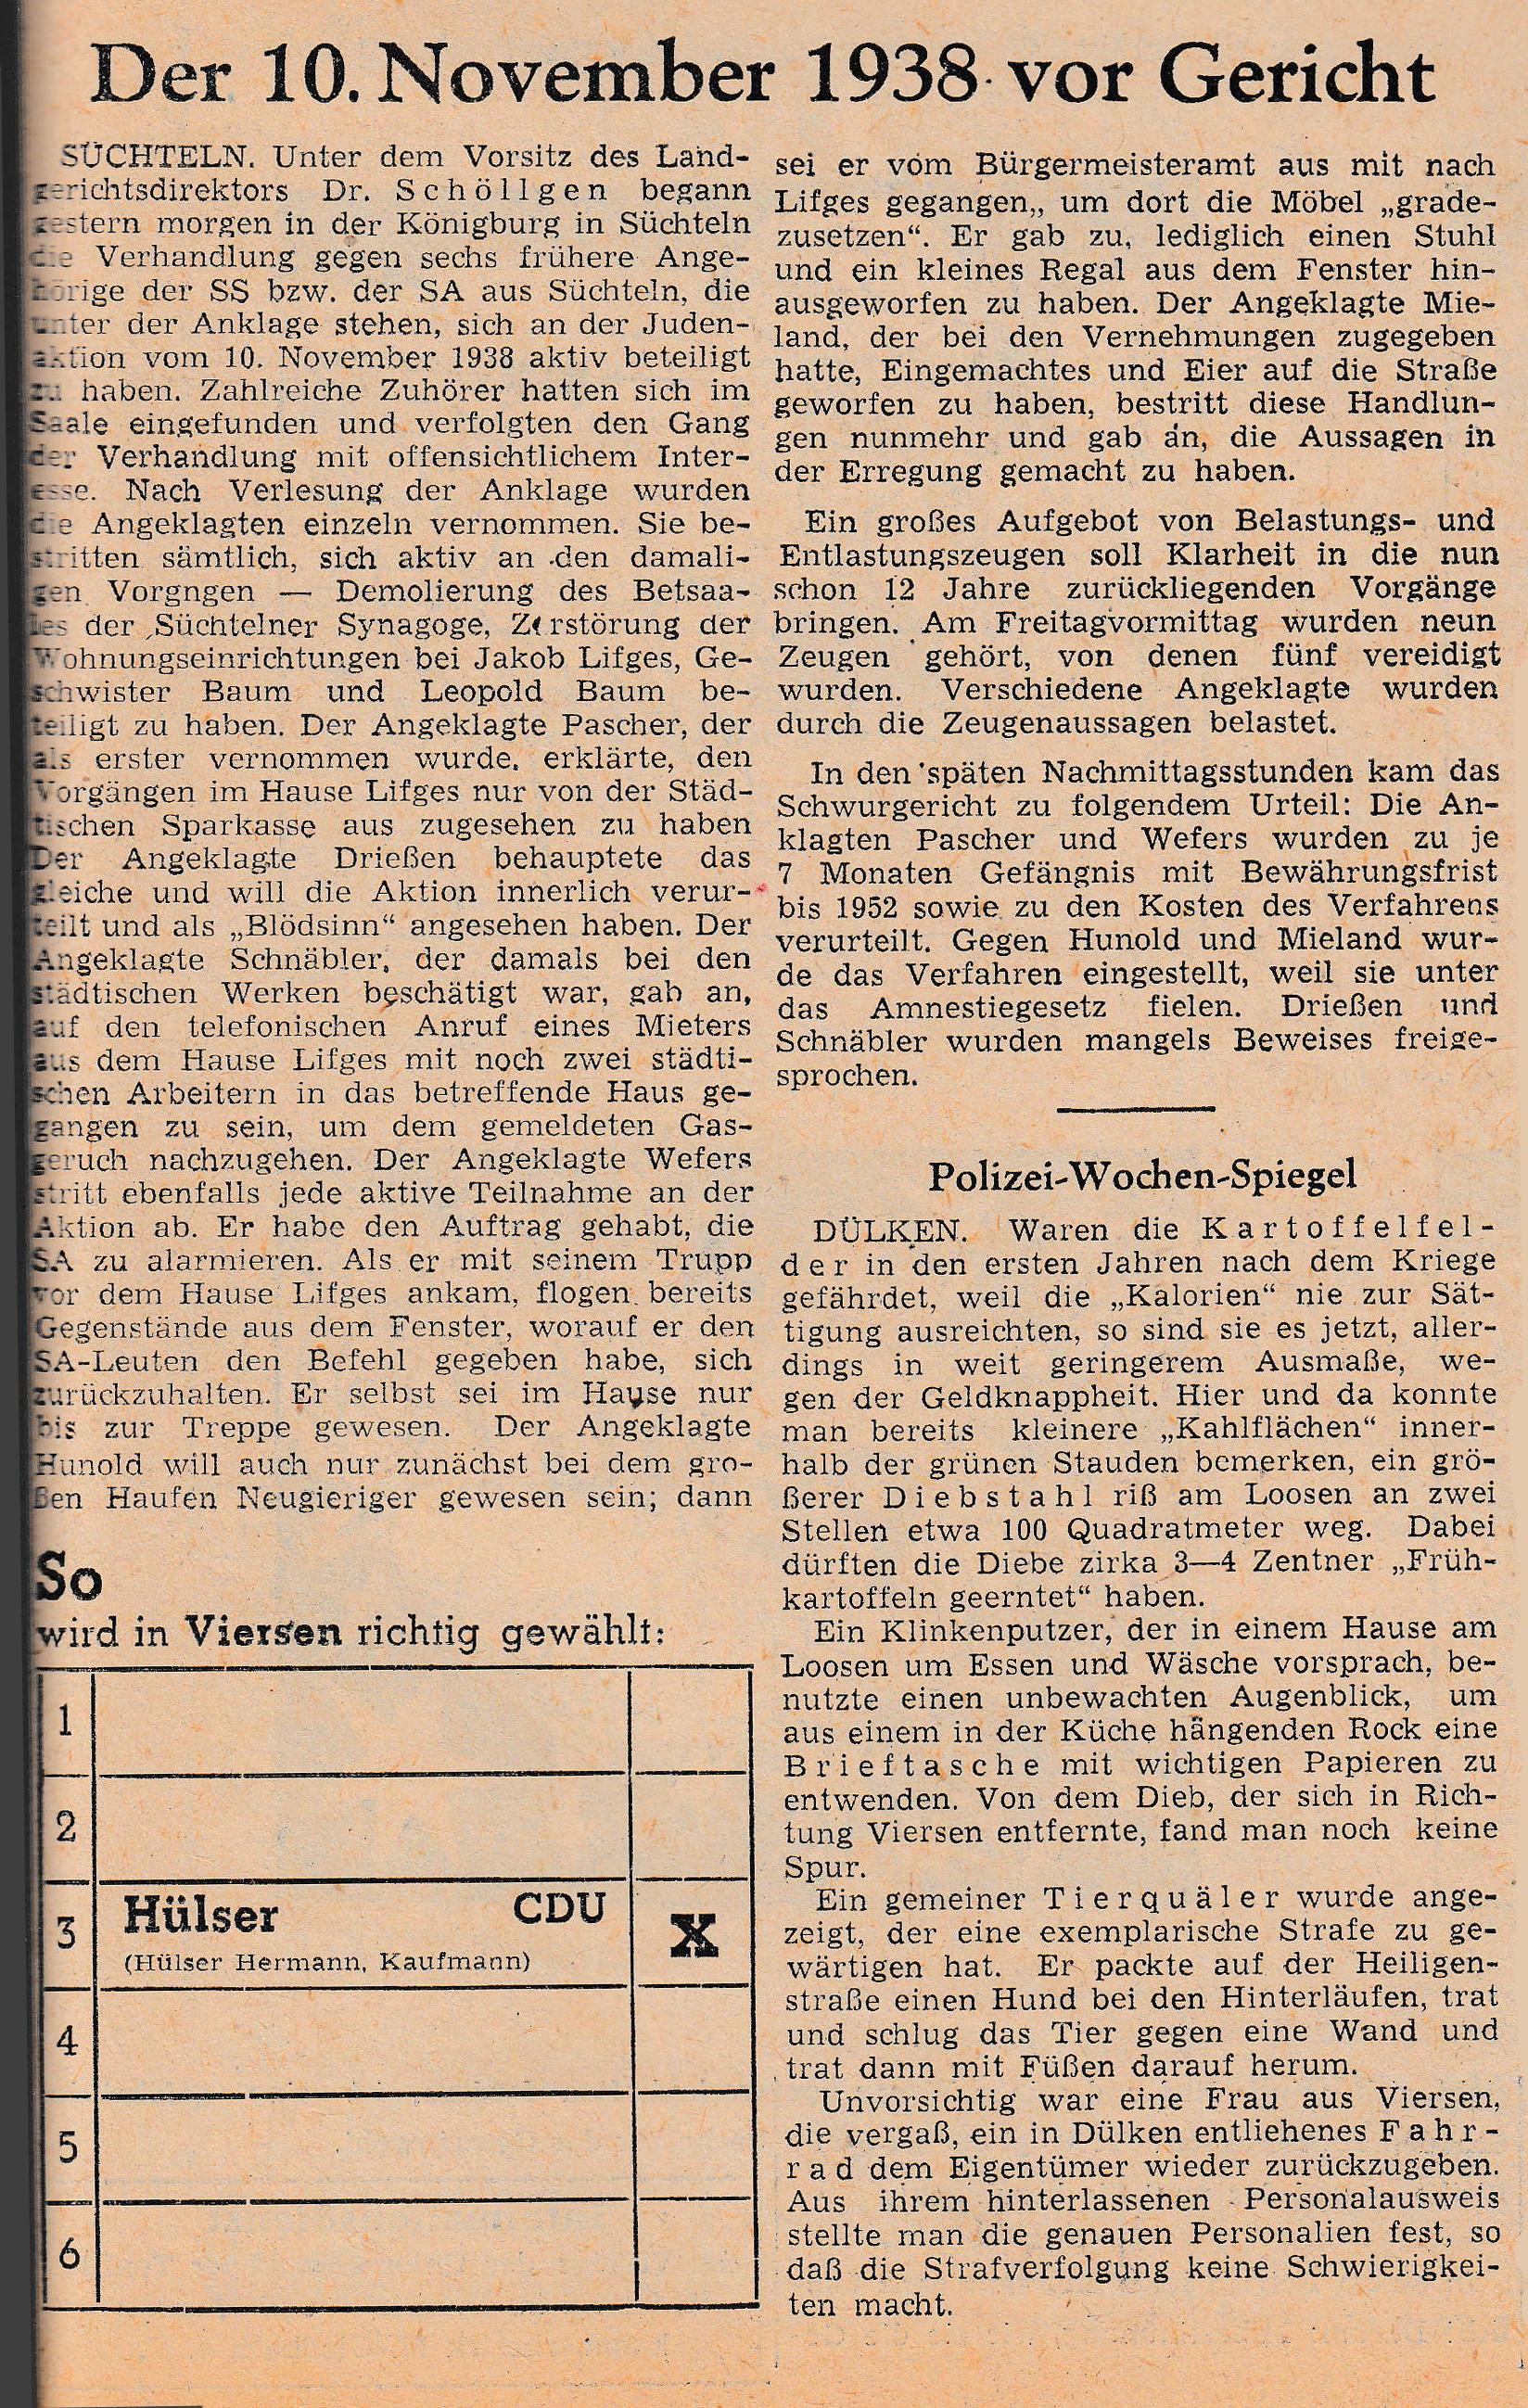 Zeitungsartikel zum Prozess in der Königsburg